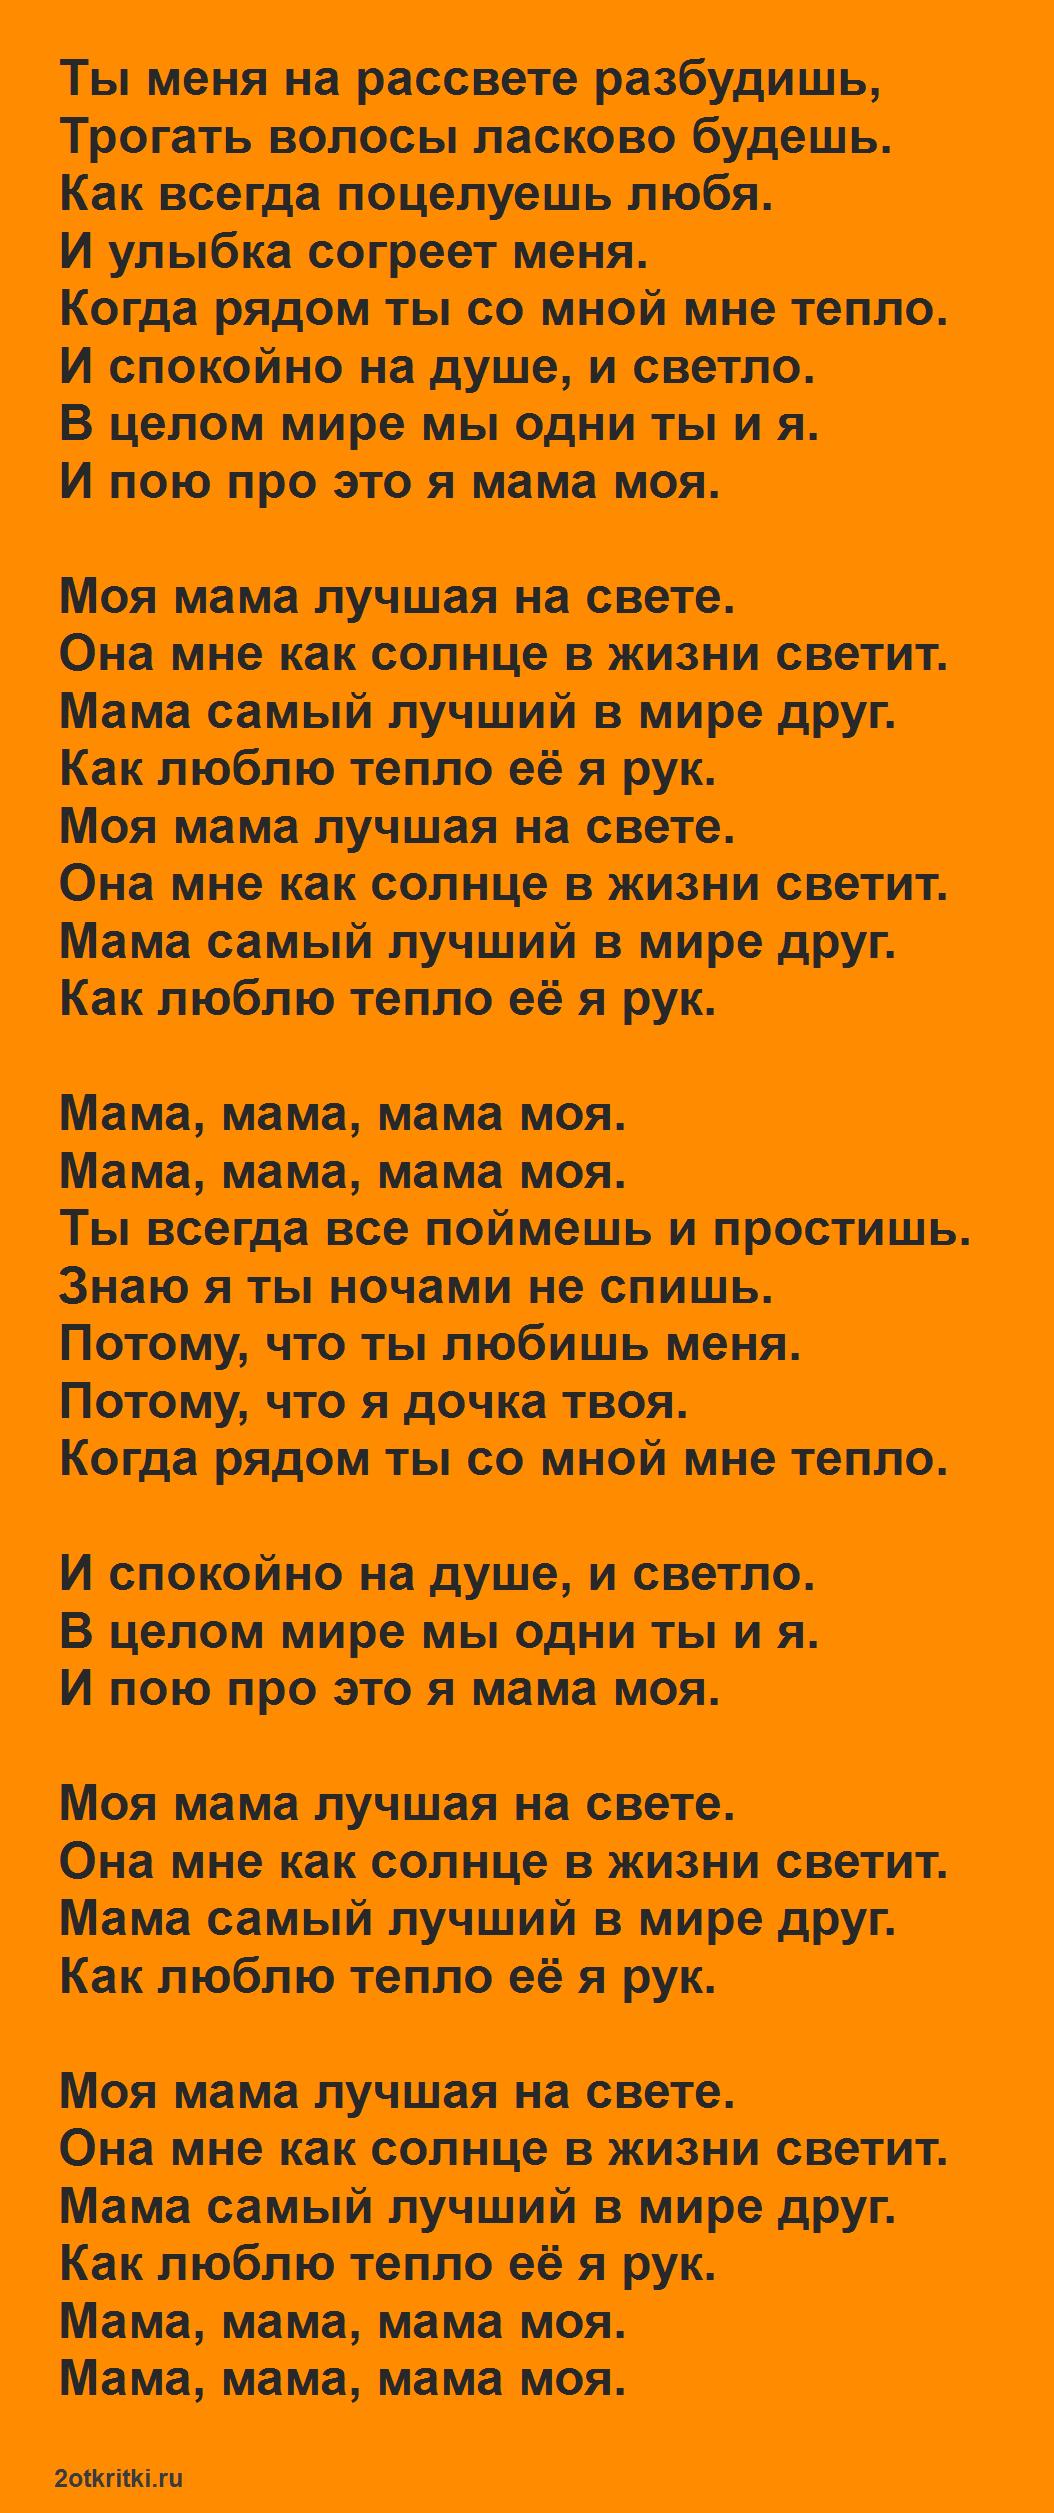 Песня про маму на 8 Марта - Моя мама лучшая на свете